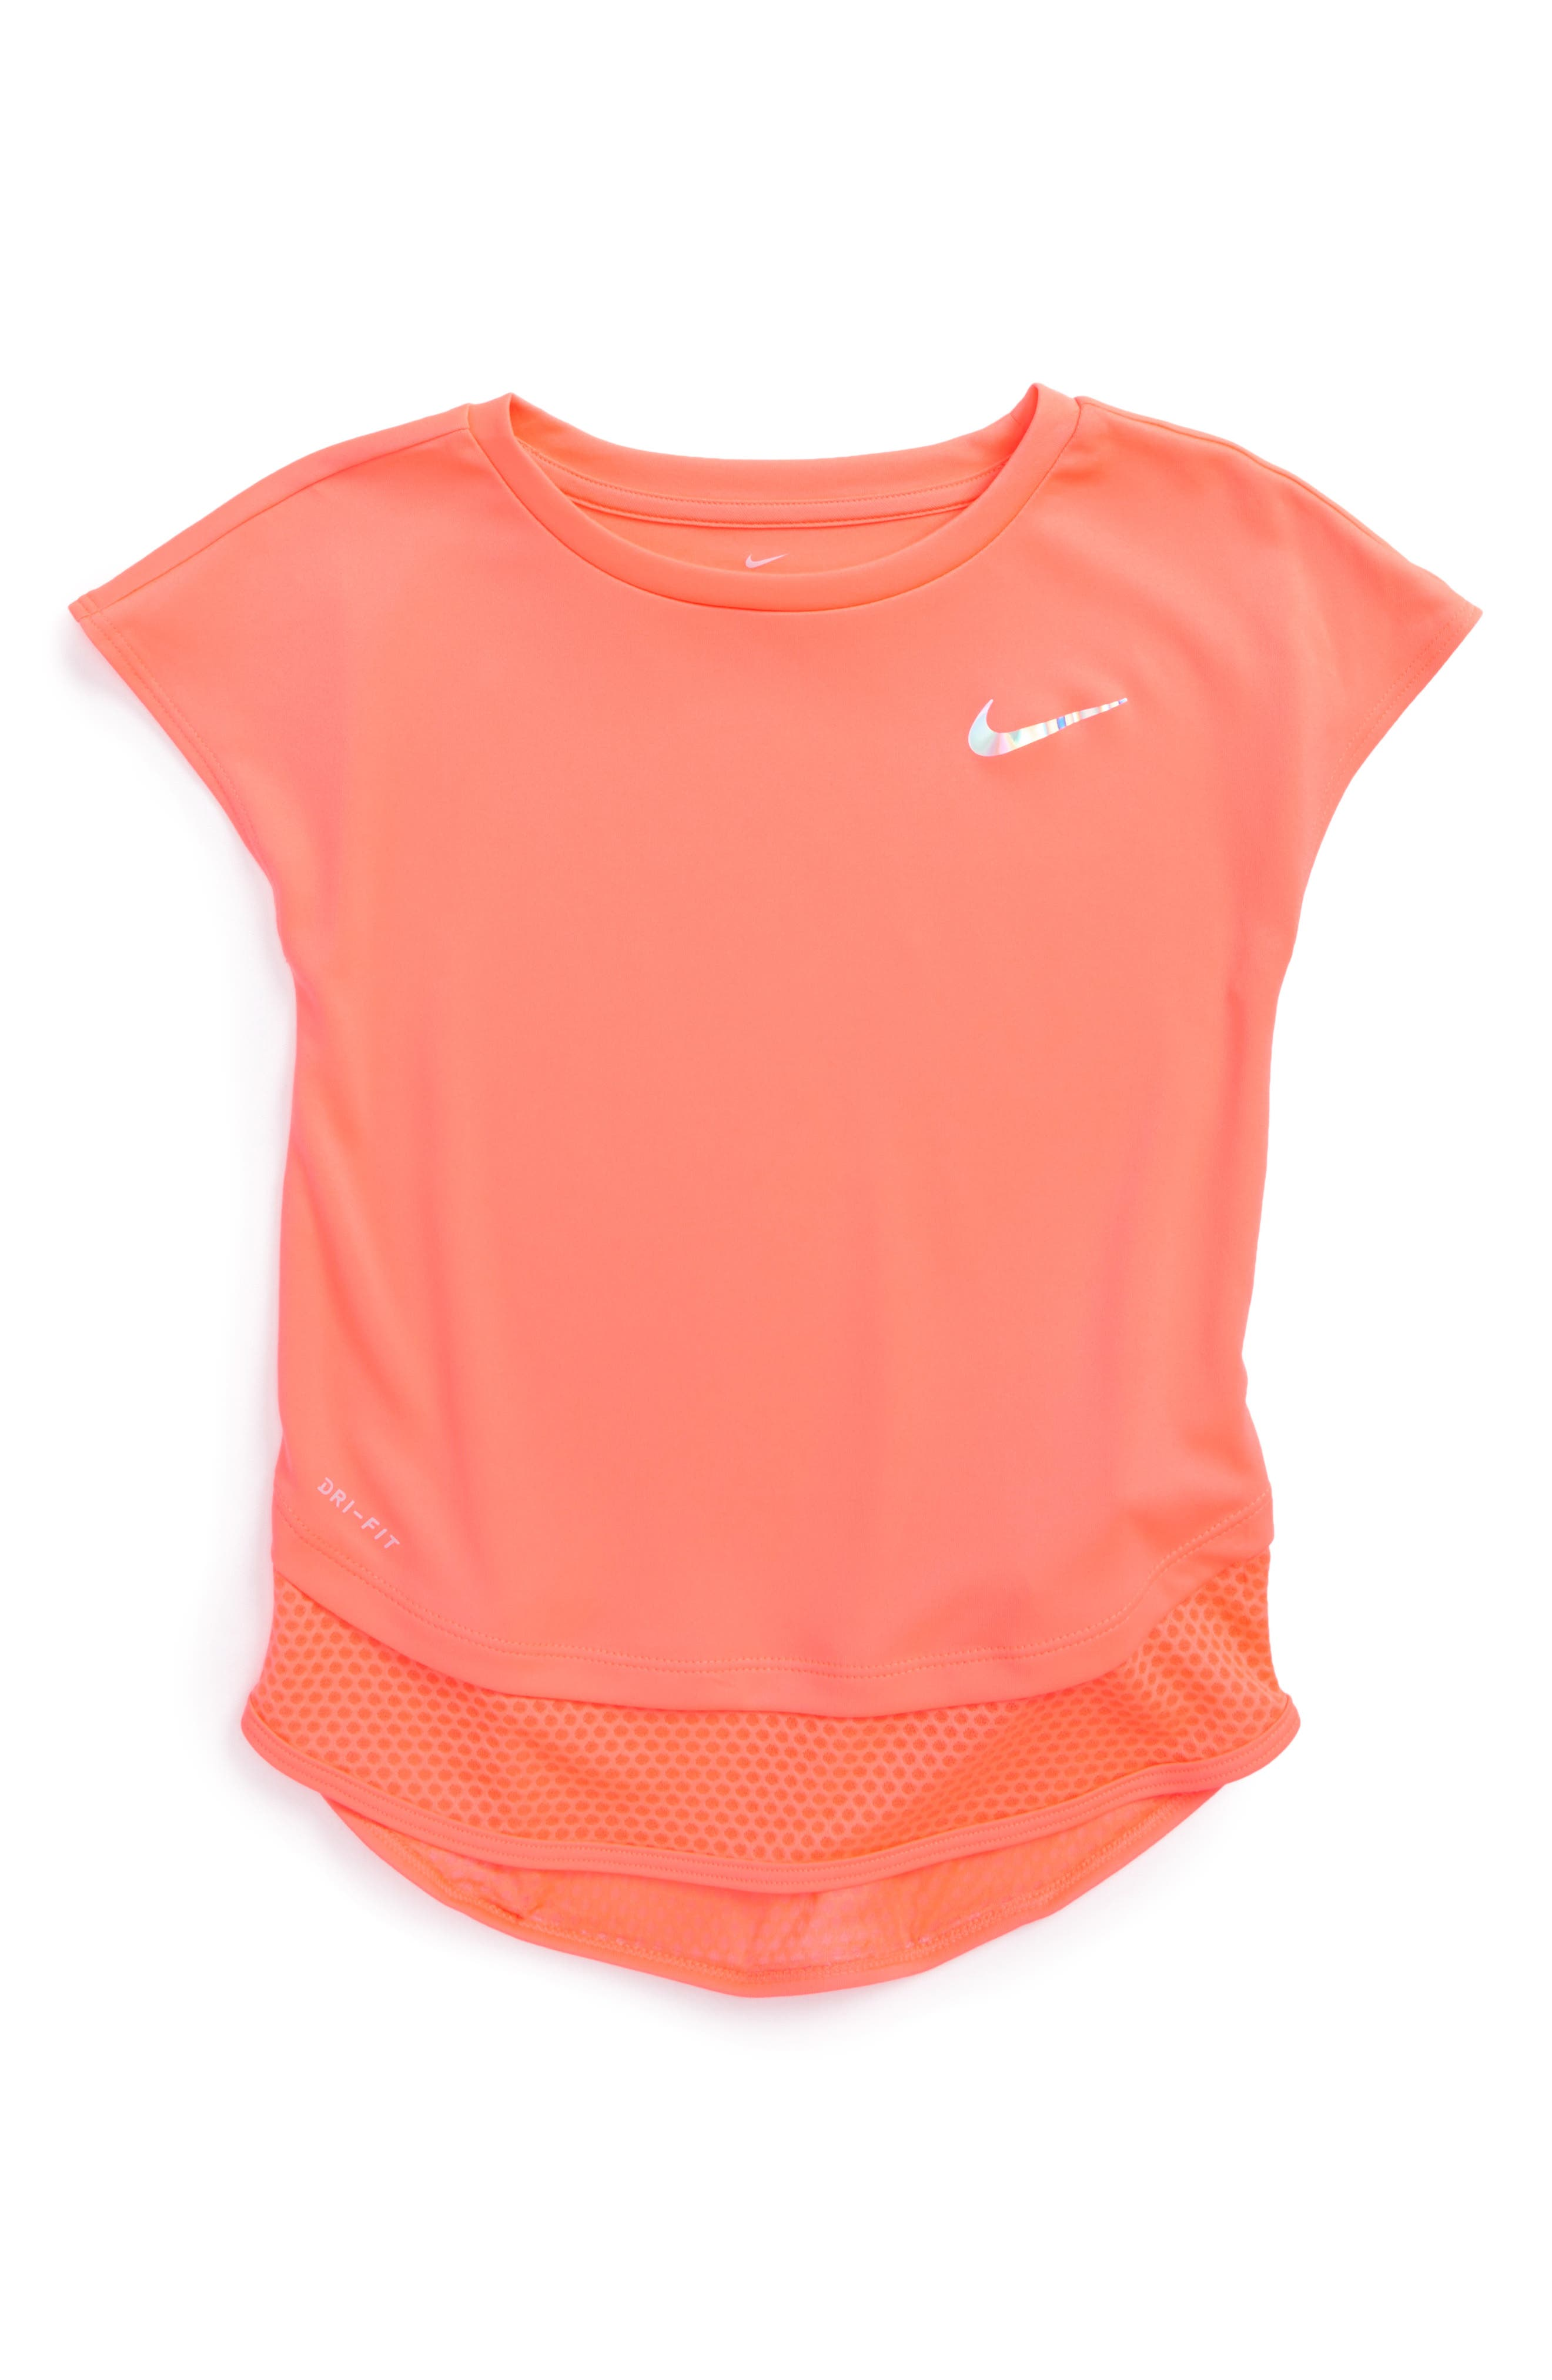 Alternate Image 1 Selected - Nike Dry Modern Tunic (Toddler Girls & Little Girls)